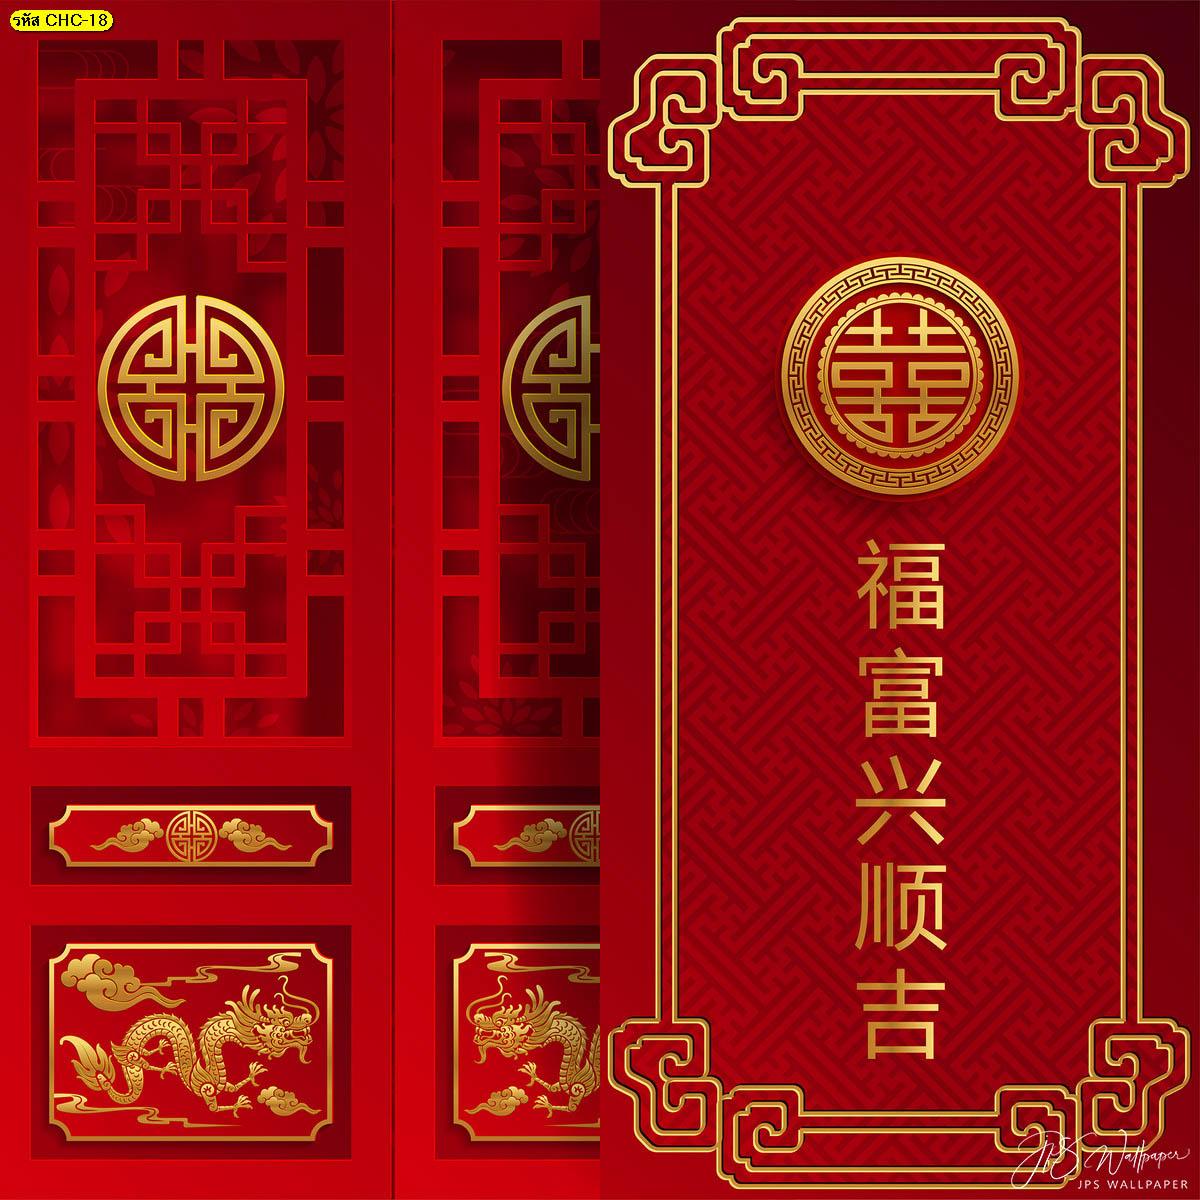 พิมพ์ภาพติดผนังลายจีนมงคล วอลเปเปอร์จีนมงคลลายประตูจีน